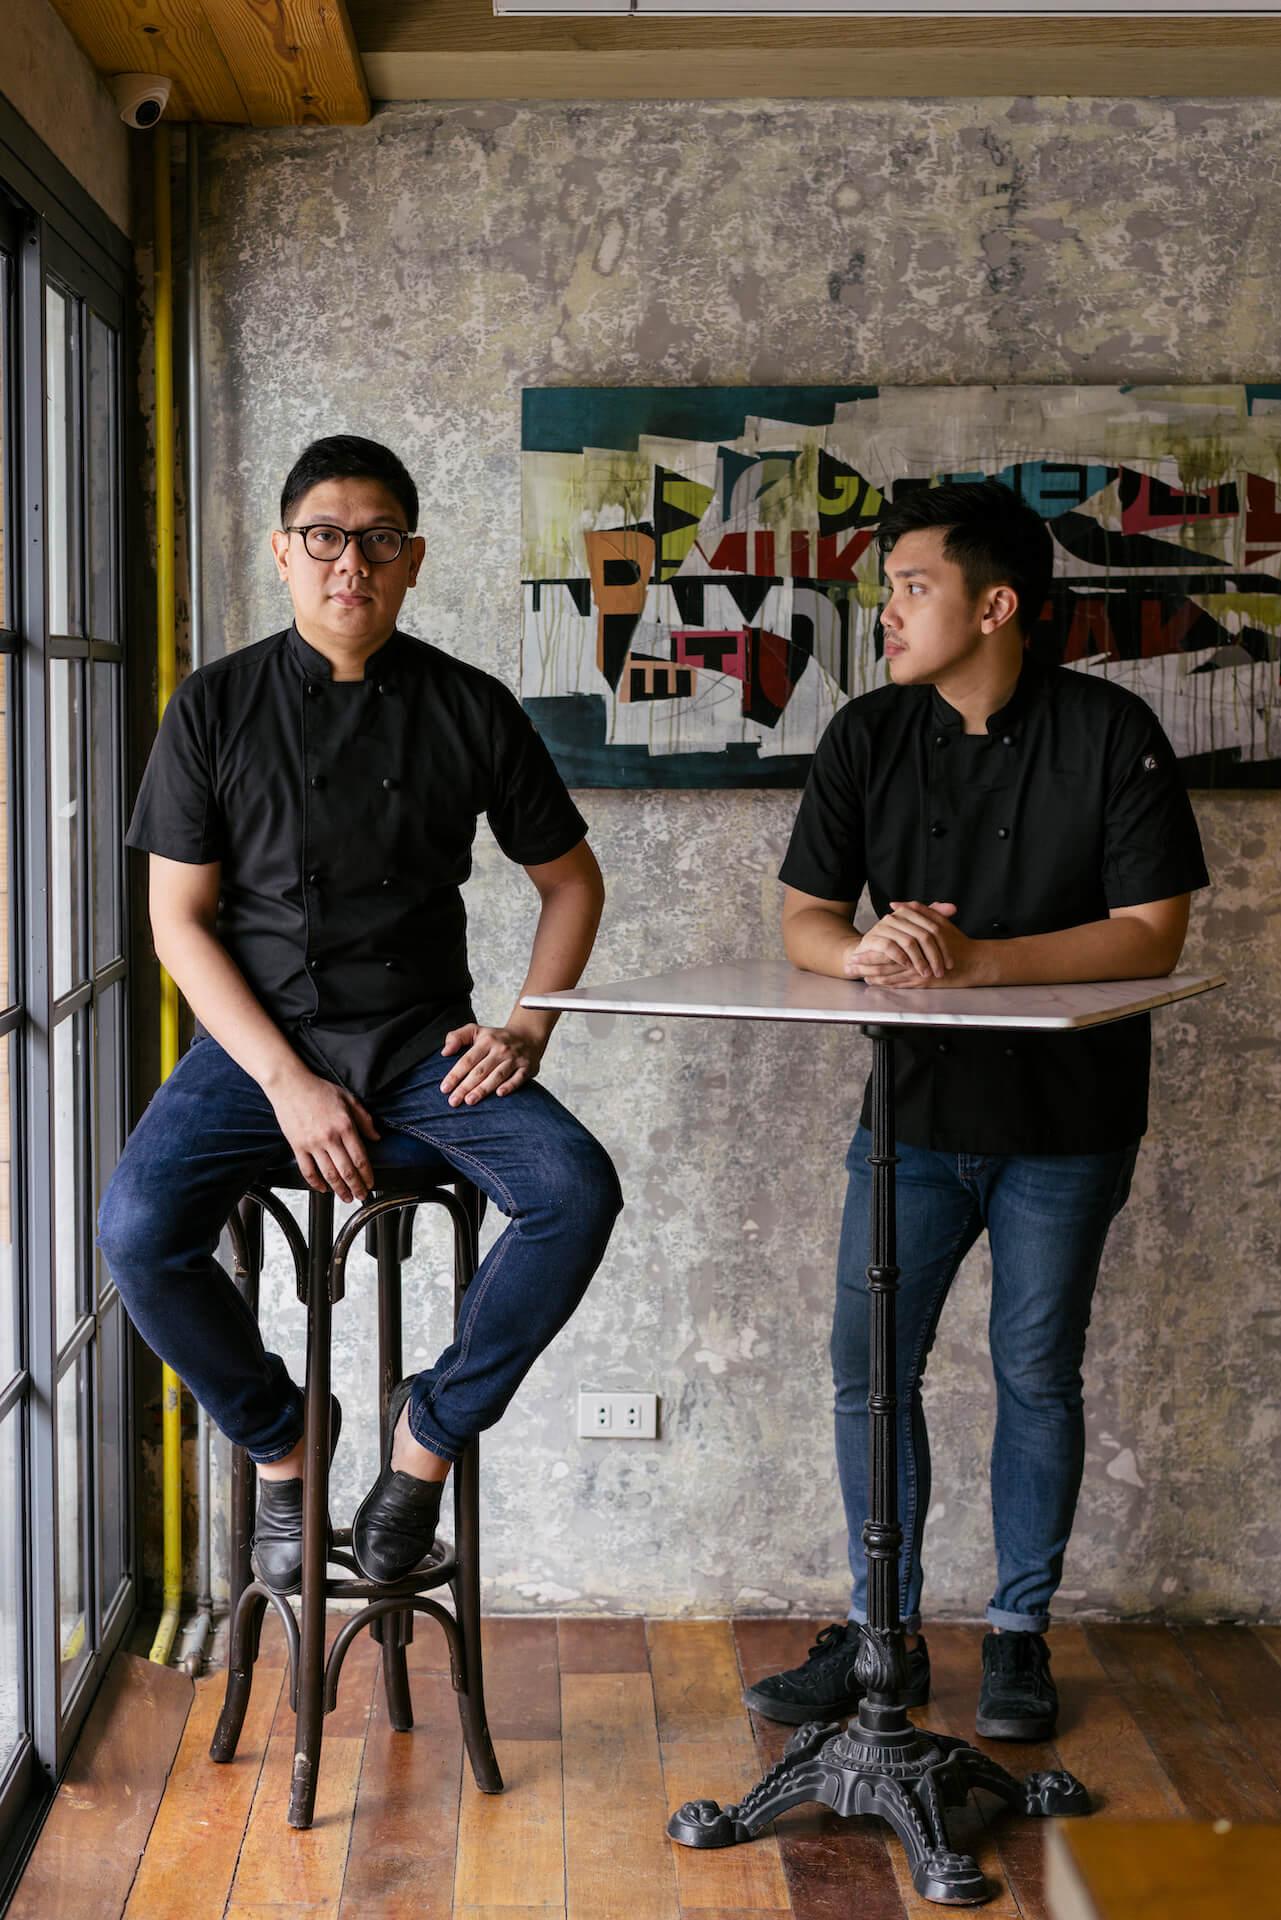 RJRamos and Fonso Sotero of Lampara